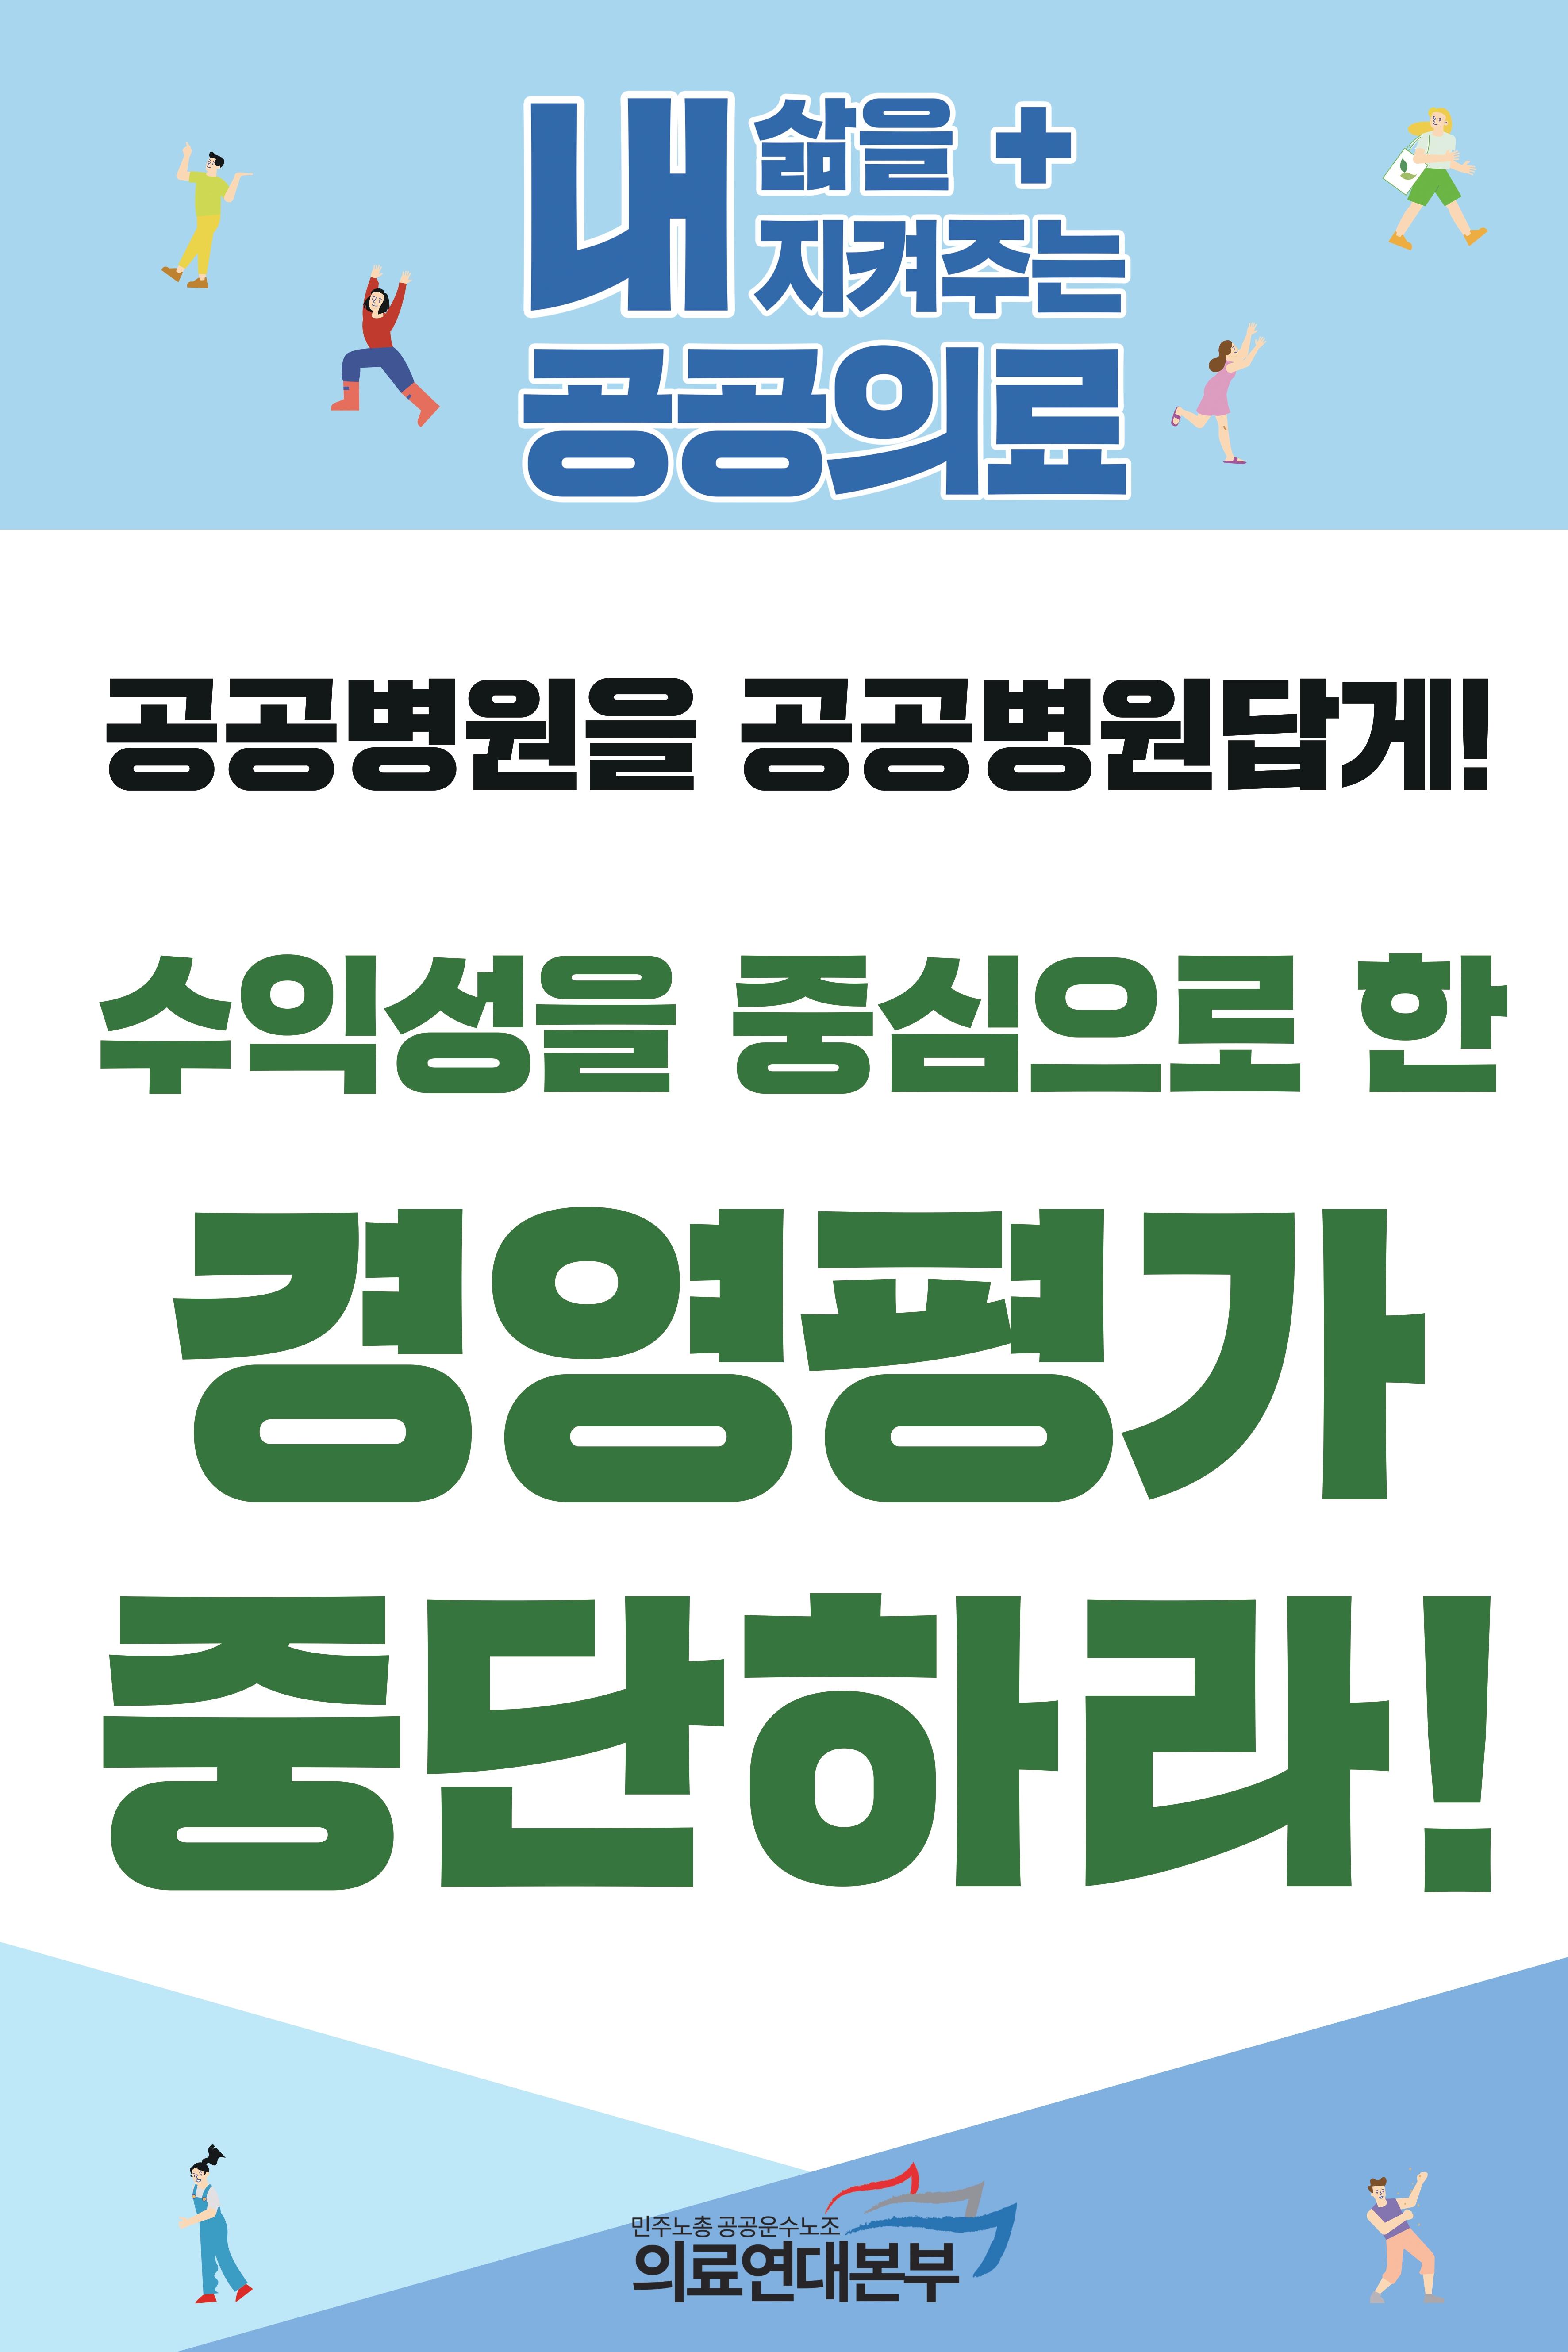 내삶공 피켓(경영평가 중단하라).jpg